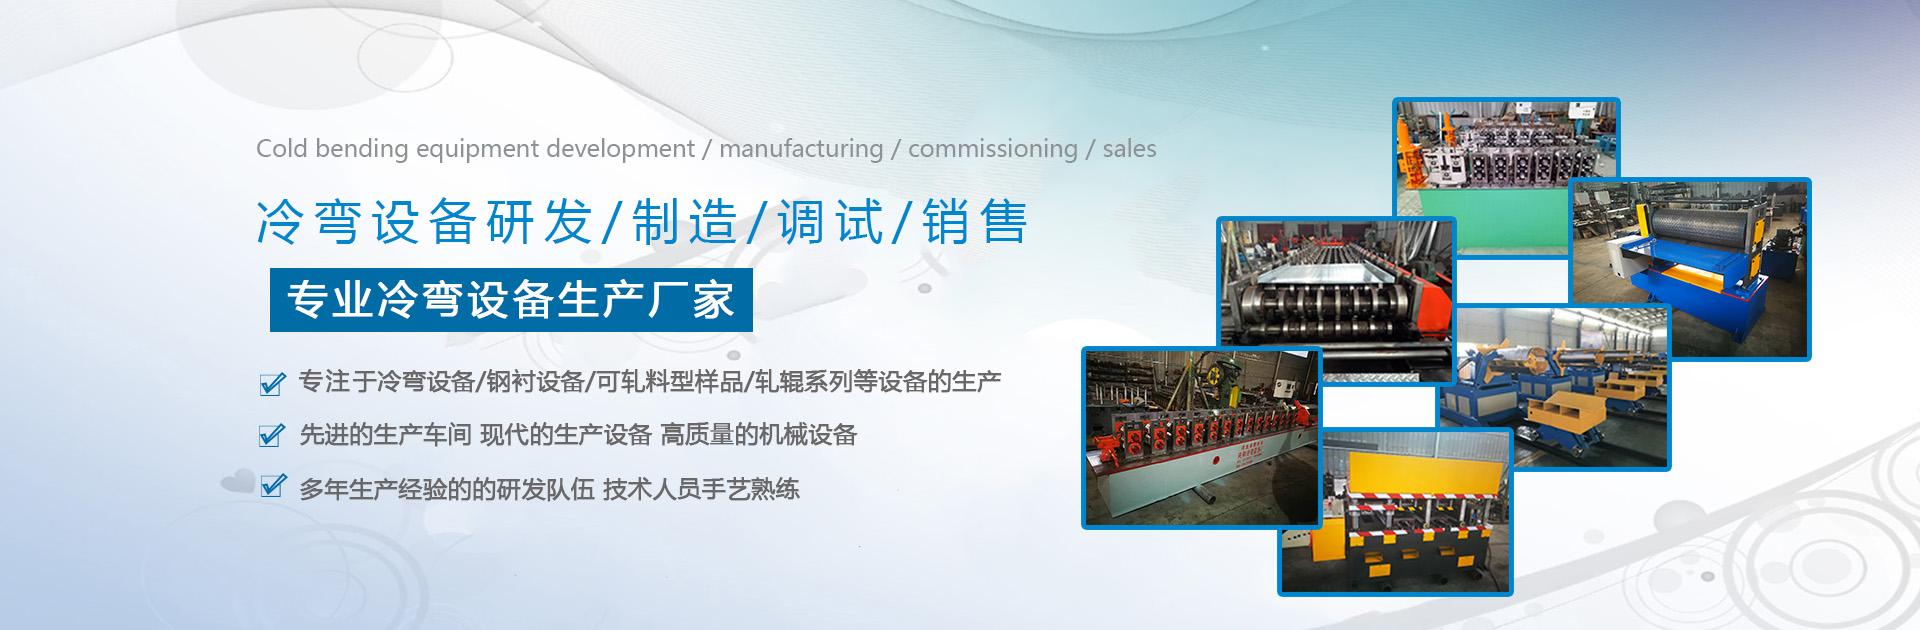 霸州kok体育官方app龙骨机厂